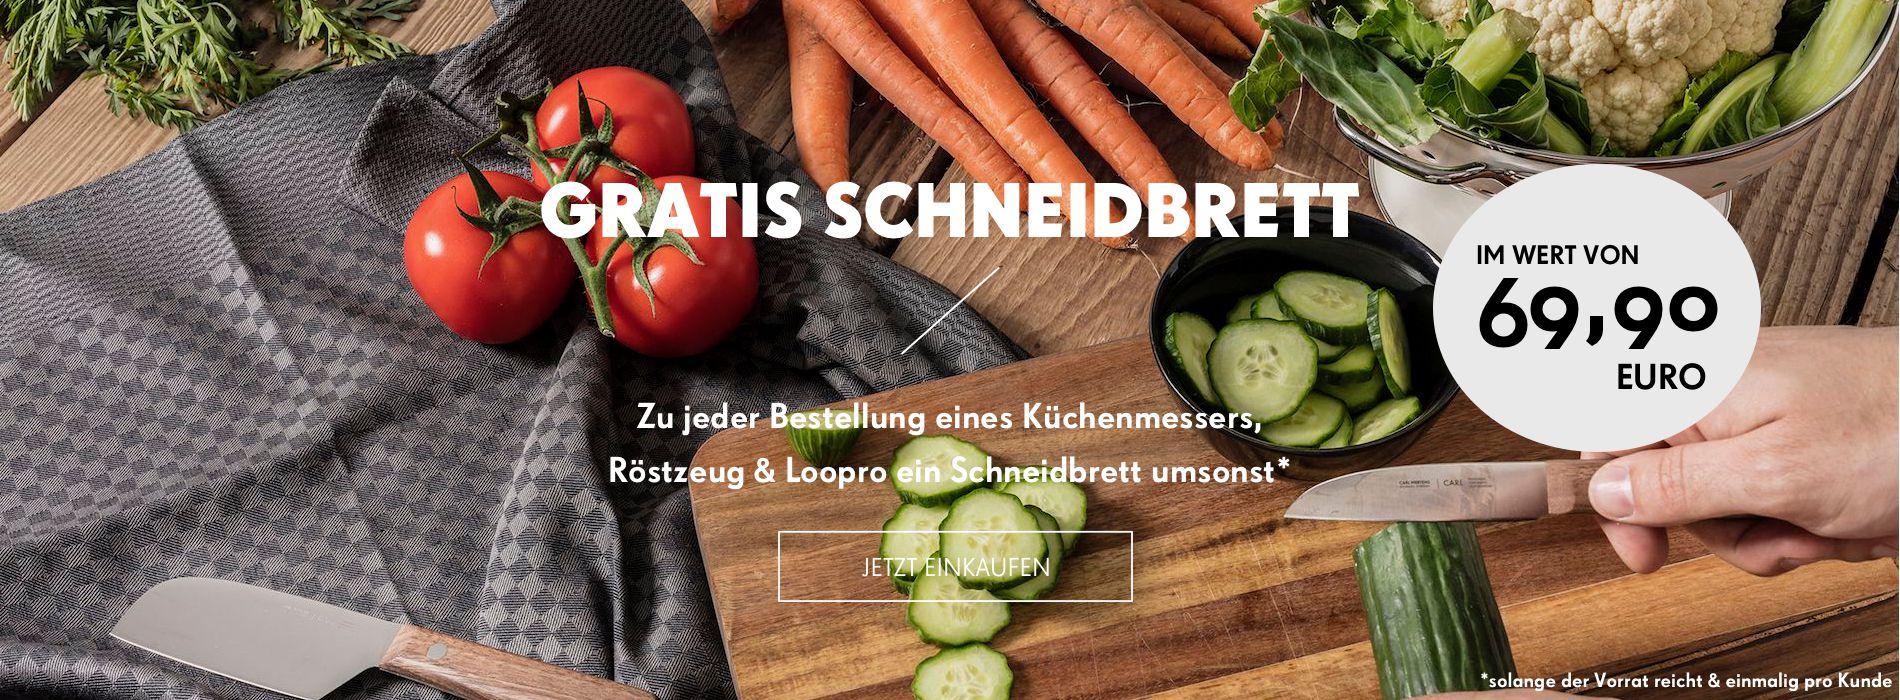 Ein Corta Schneidbrett im Wert von 69,90€ gratis im Carl Mertens Onlineshop!